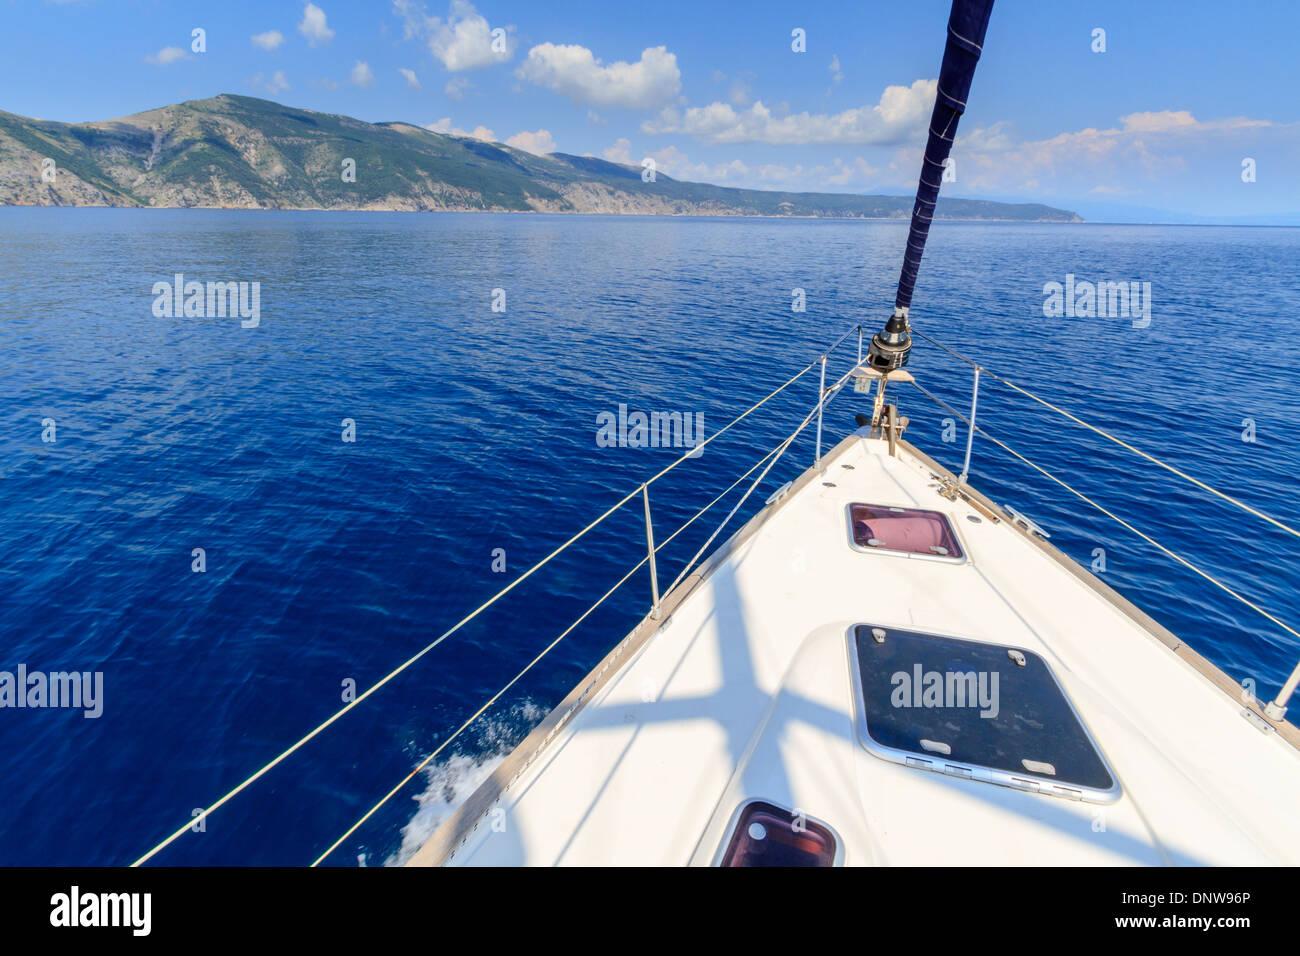 Proa de barco / yate de vela con mar azul Imagen De Stock